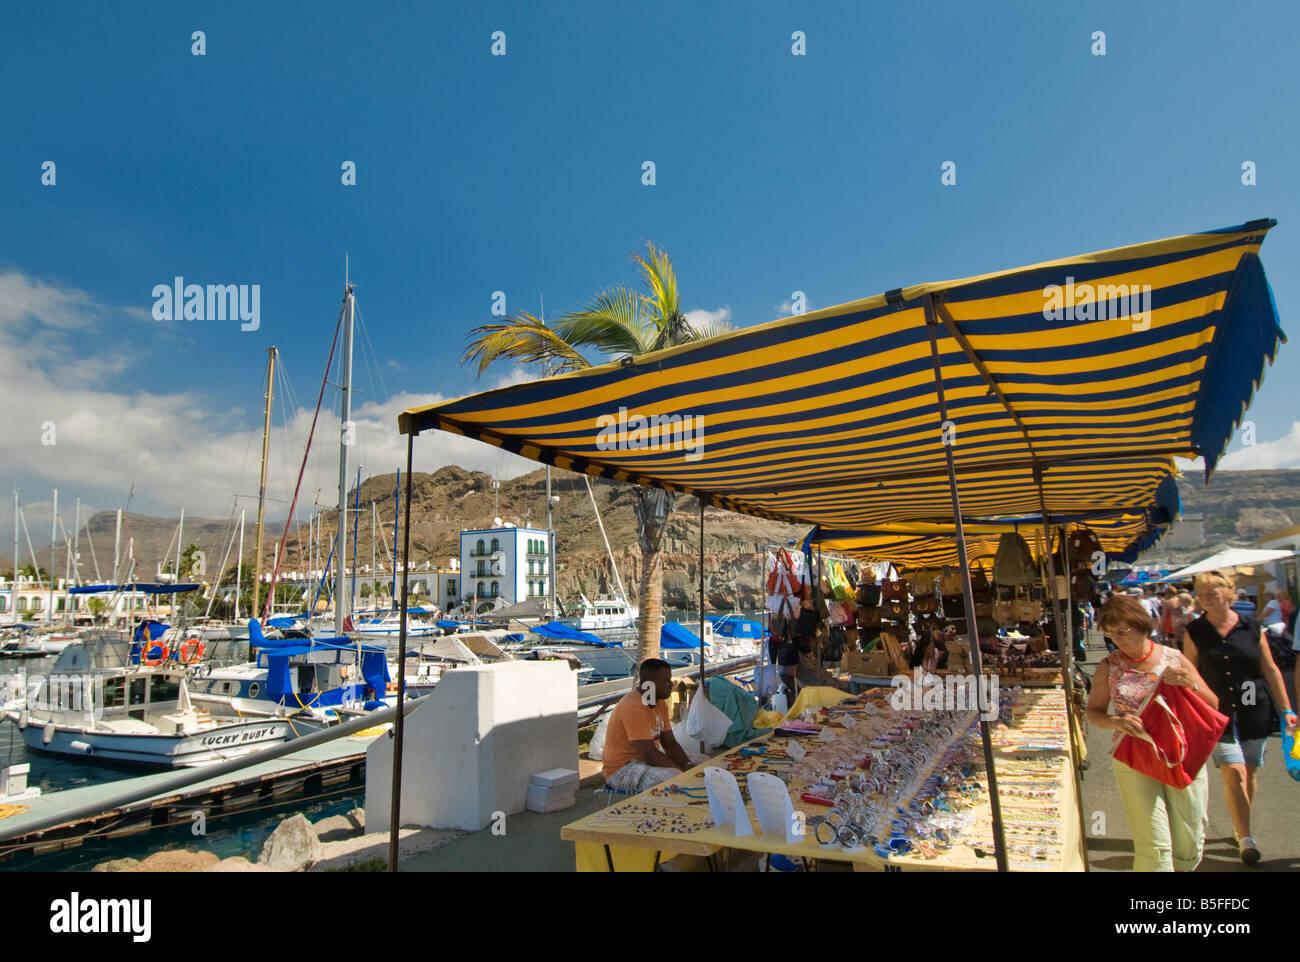 Puerto de Mogan beliebte Freitag allgemeine Markt unter freiem Himmel im Luxus Marina Resort Gran Canaria Kanaren Stockbild